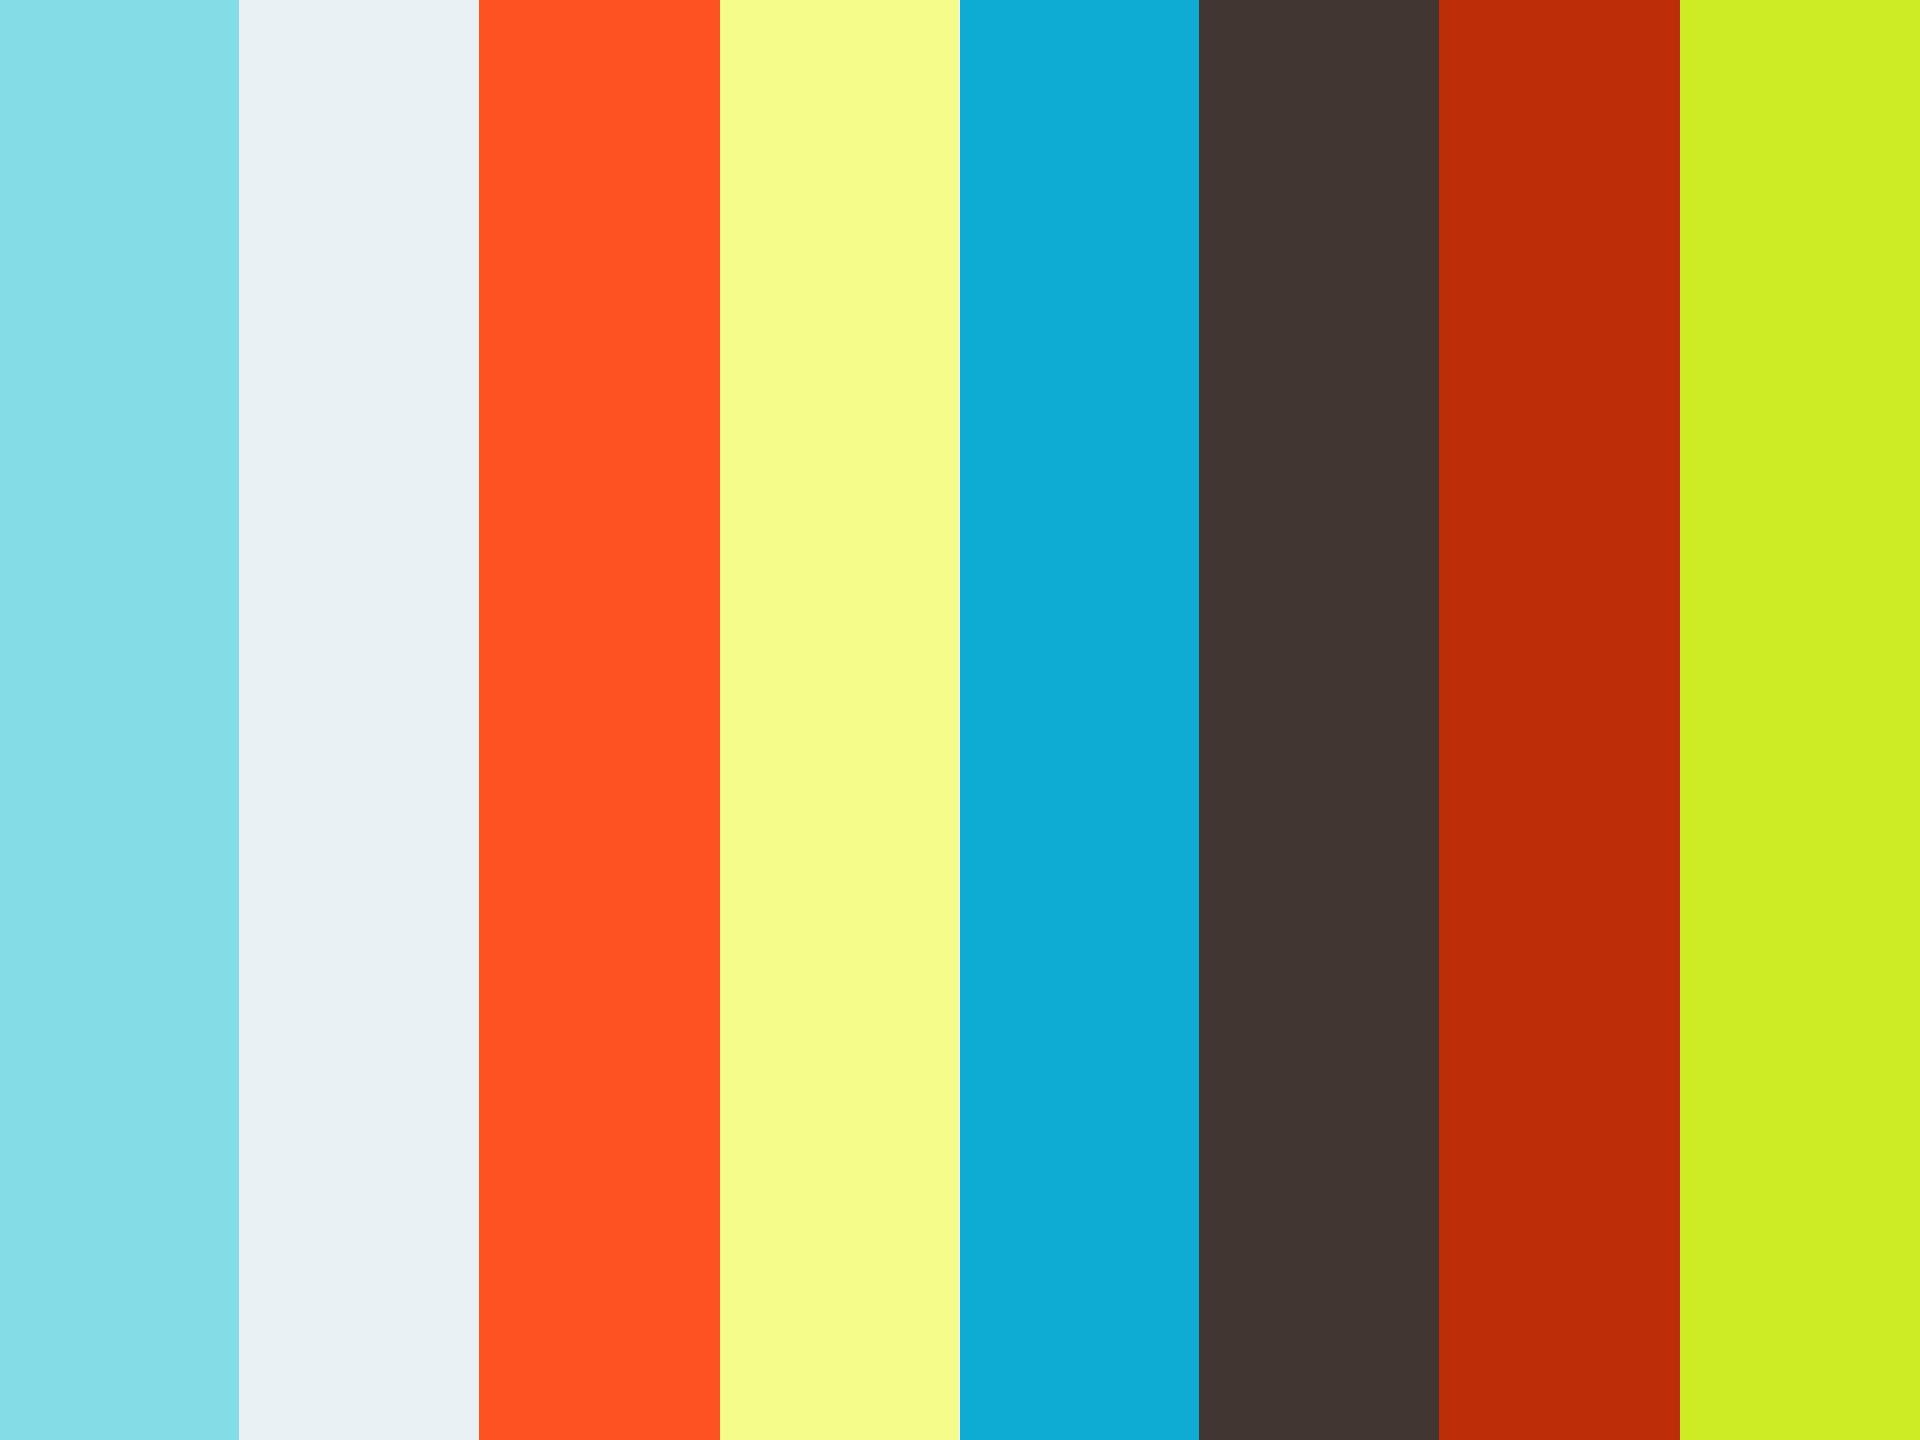 確実な色合わせを行うためのシェード伝達 仮想試適 #1 1回で色を合わせる3つの要素